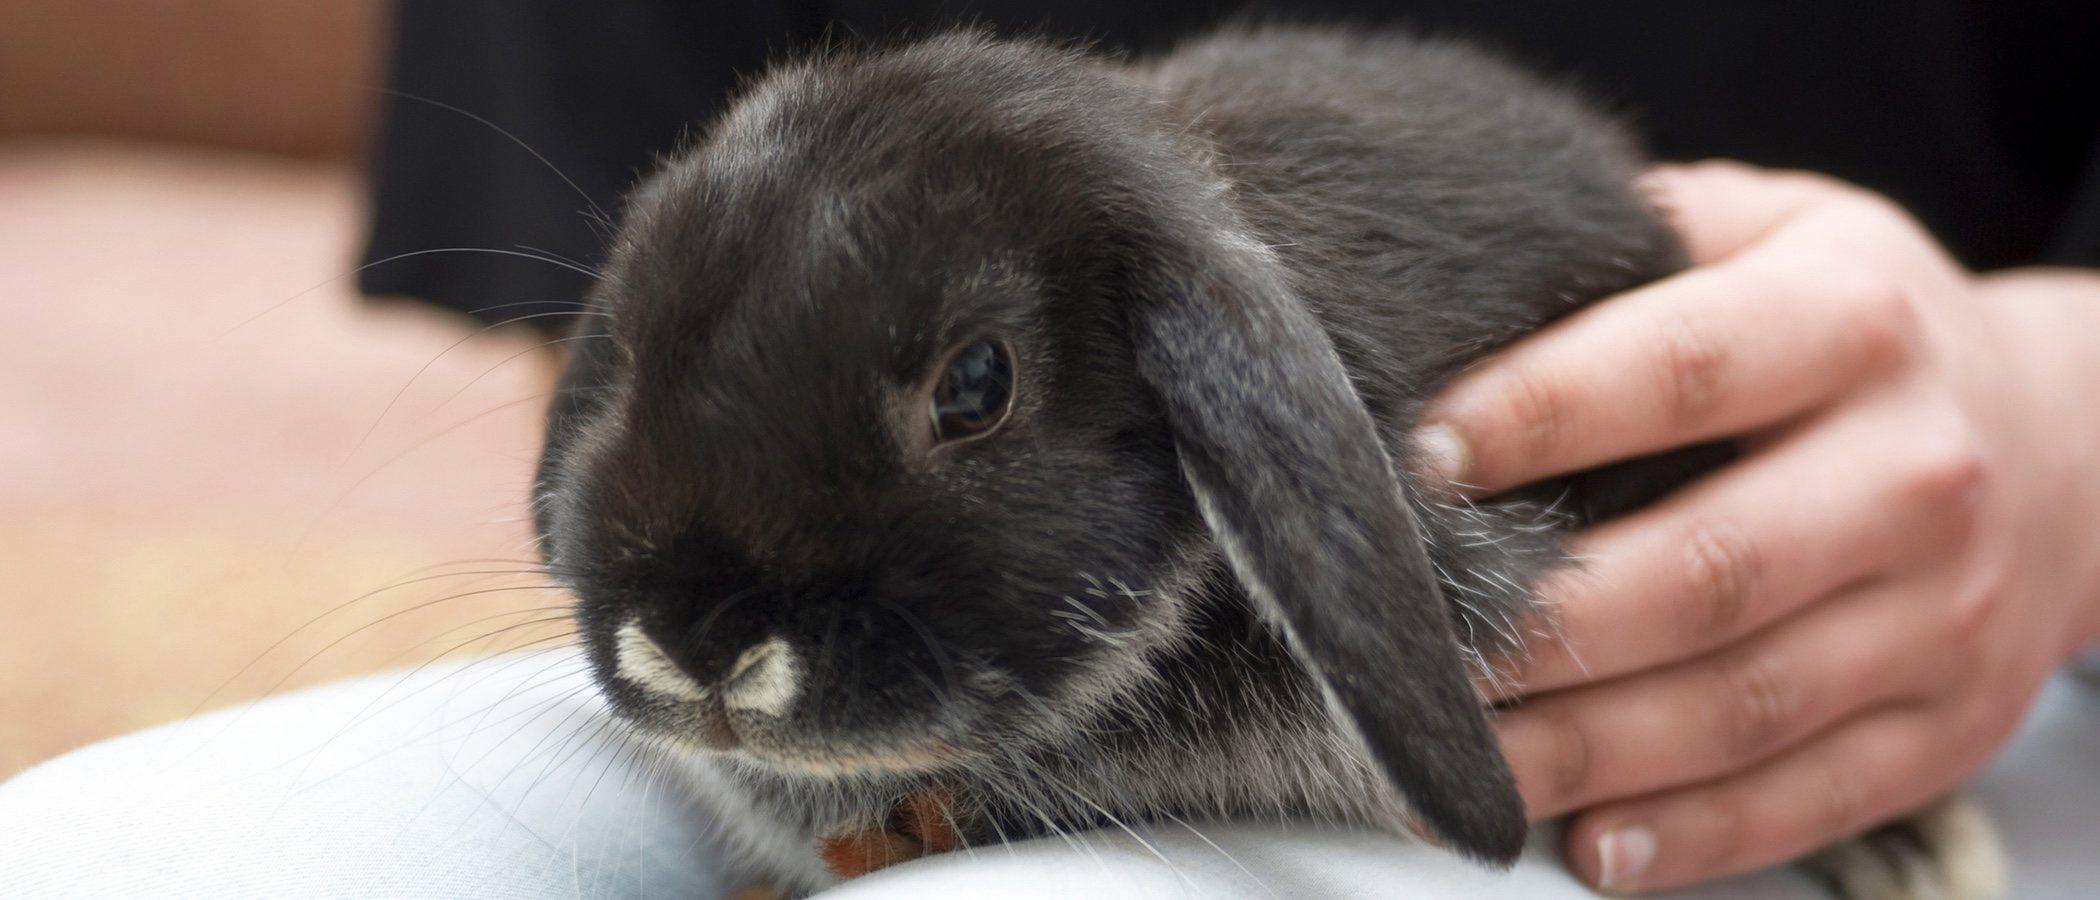 Cuánto cuesta tener un conejo como mascota